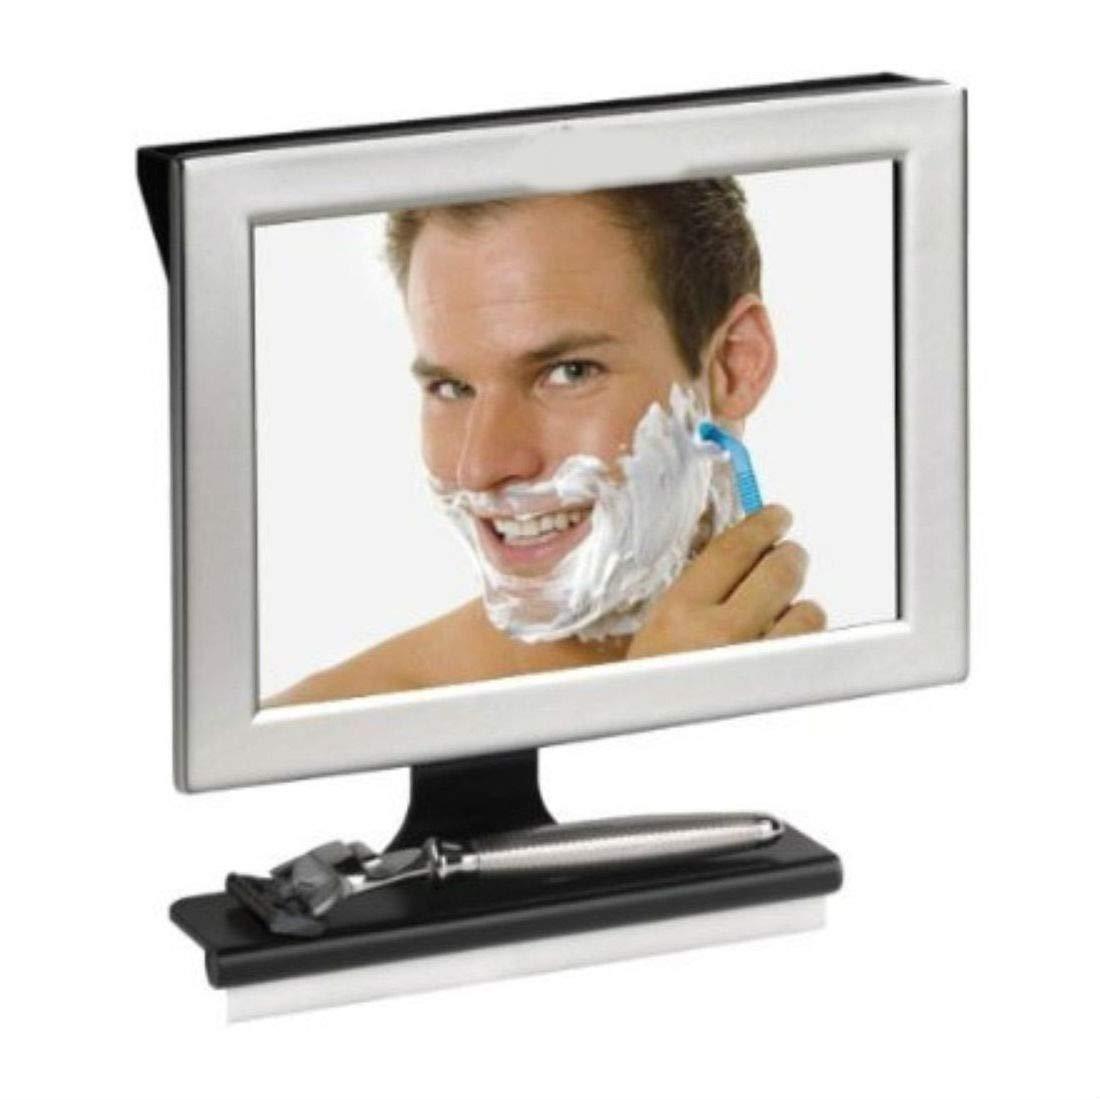 Fogless Shaving Mirror Shower Bath Anti No Fog Bathroom & Wiper